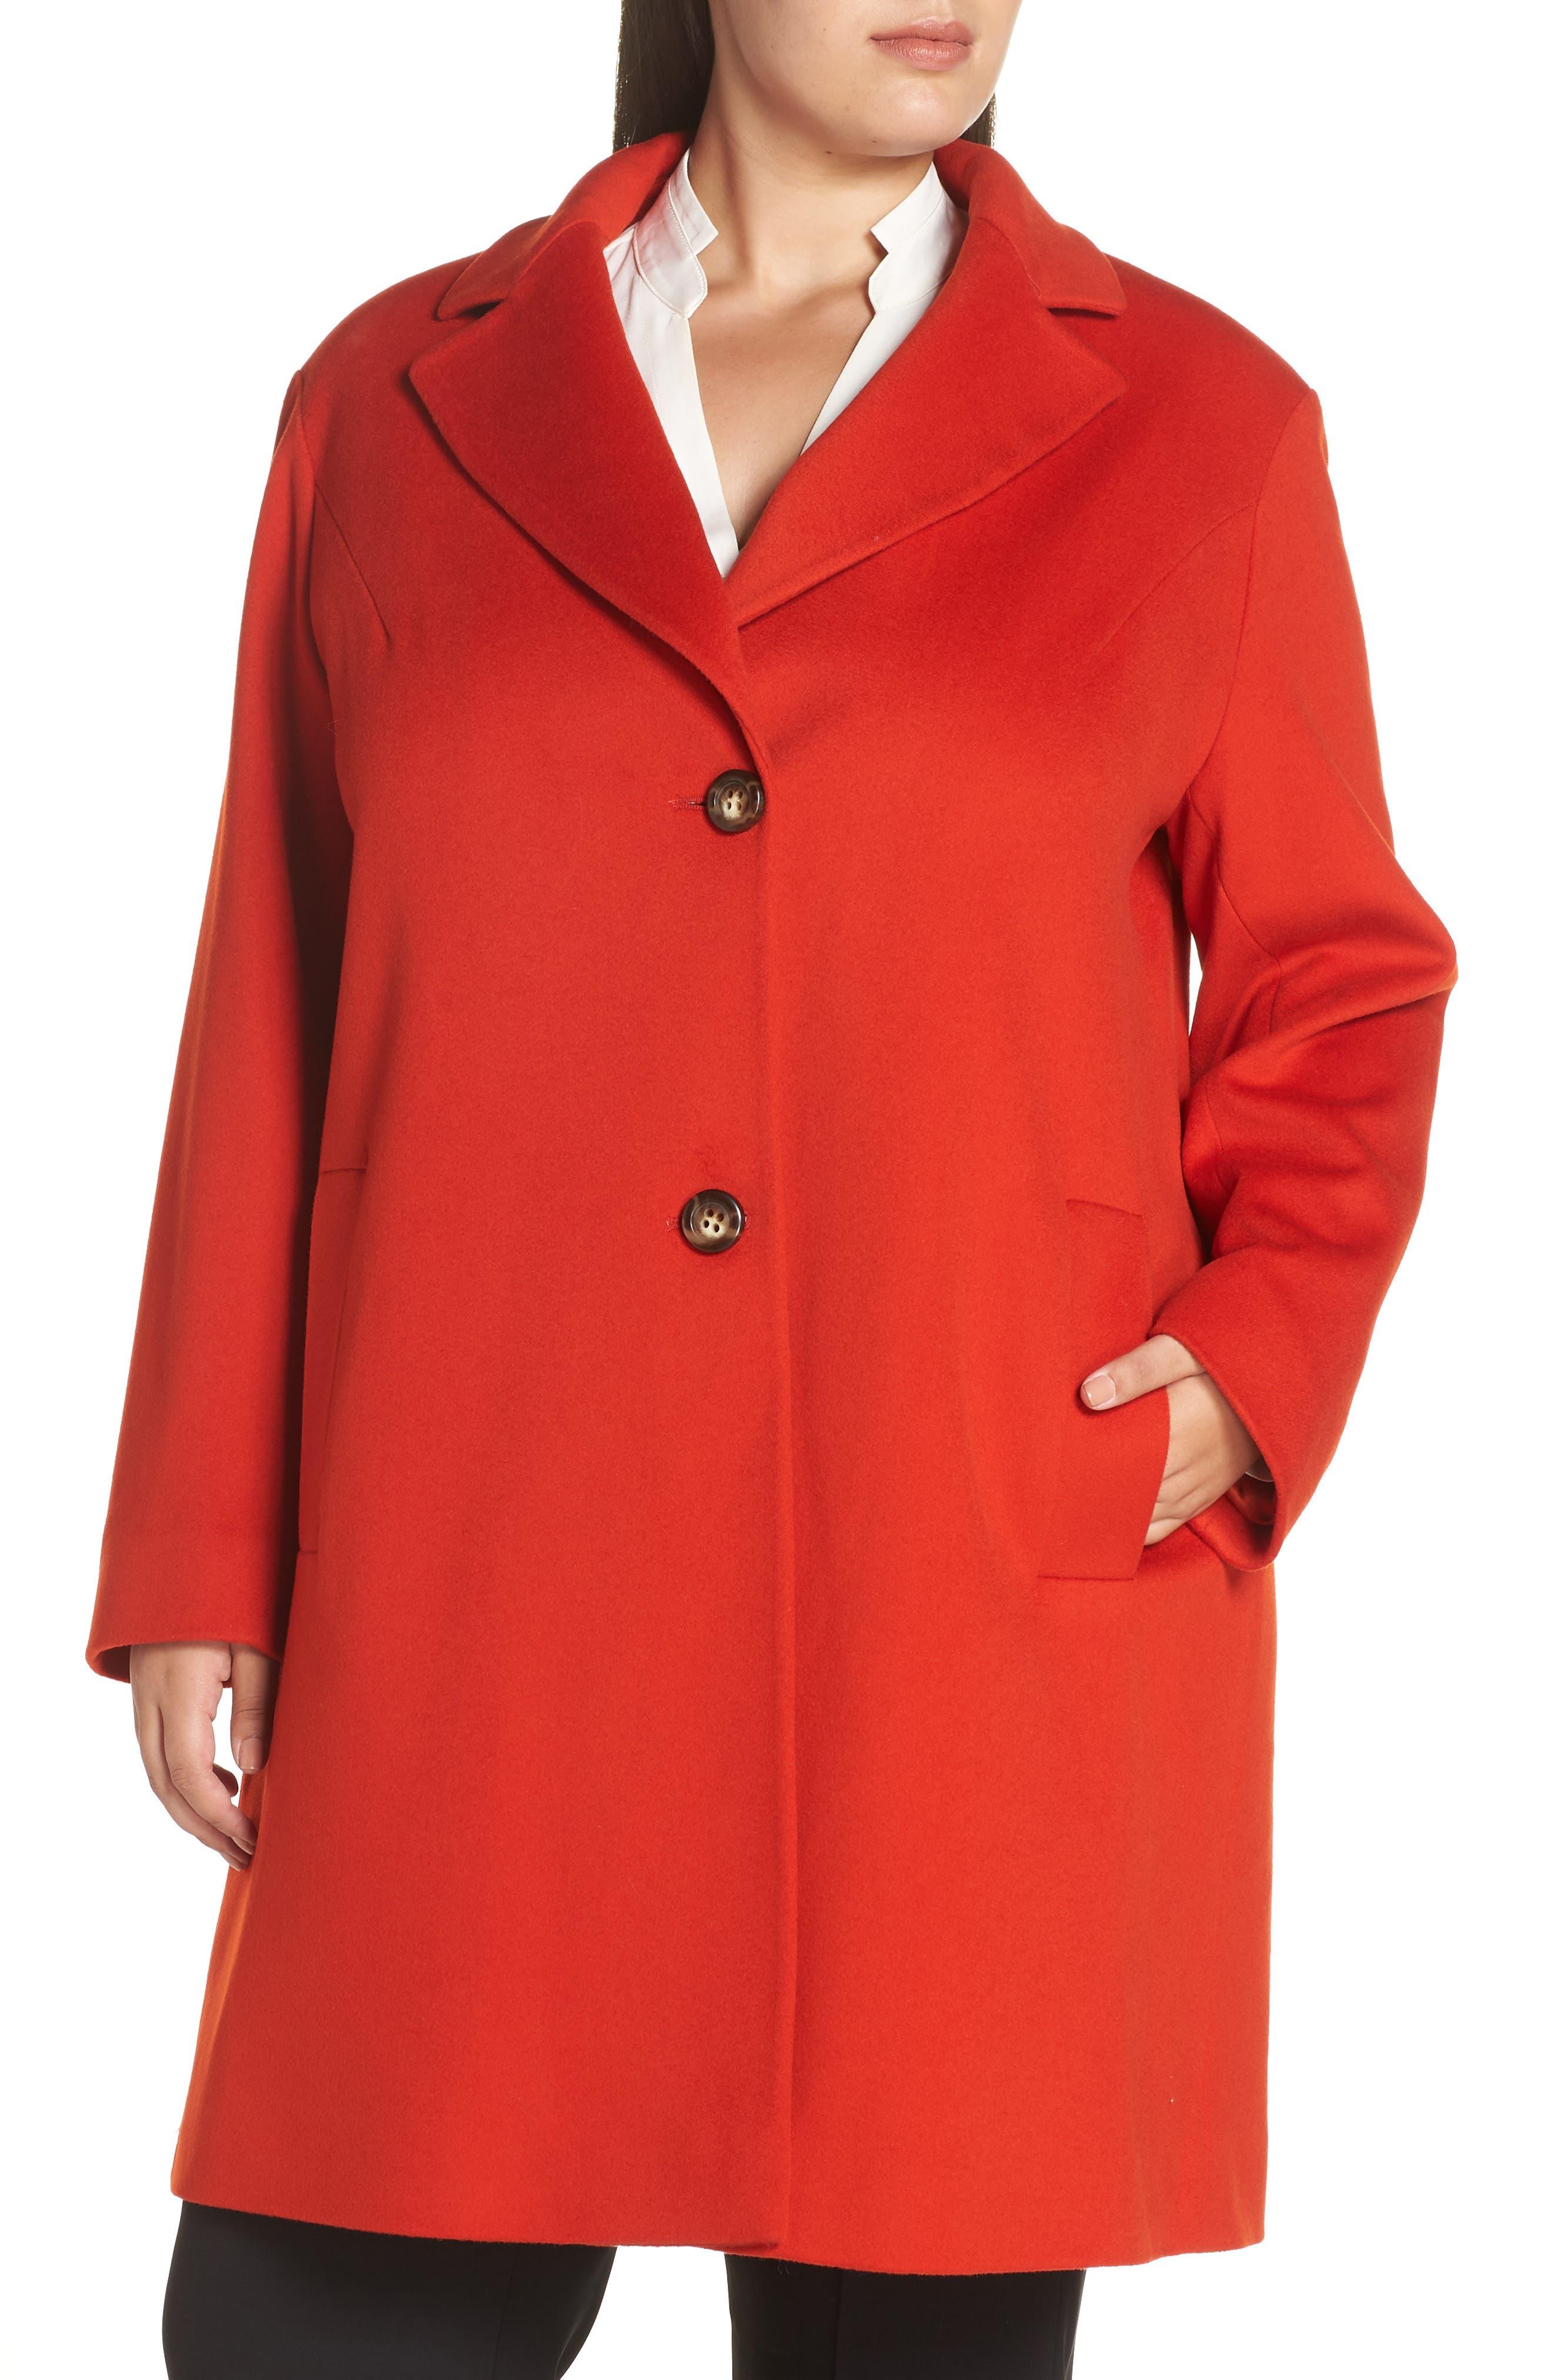 FLEURETTE,                             Loro Piana Wool Long Coat,                             Alternate thumbnail 5, color,                             SAFFRON